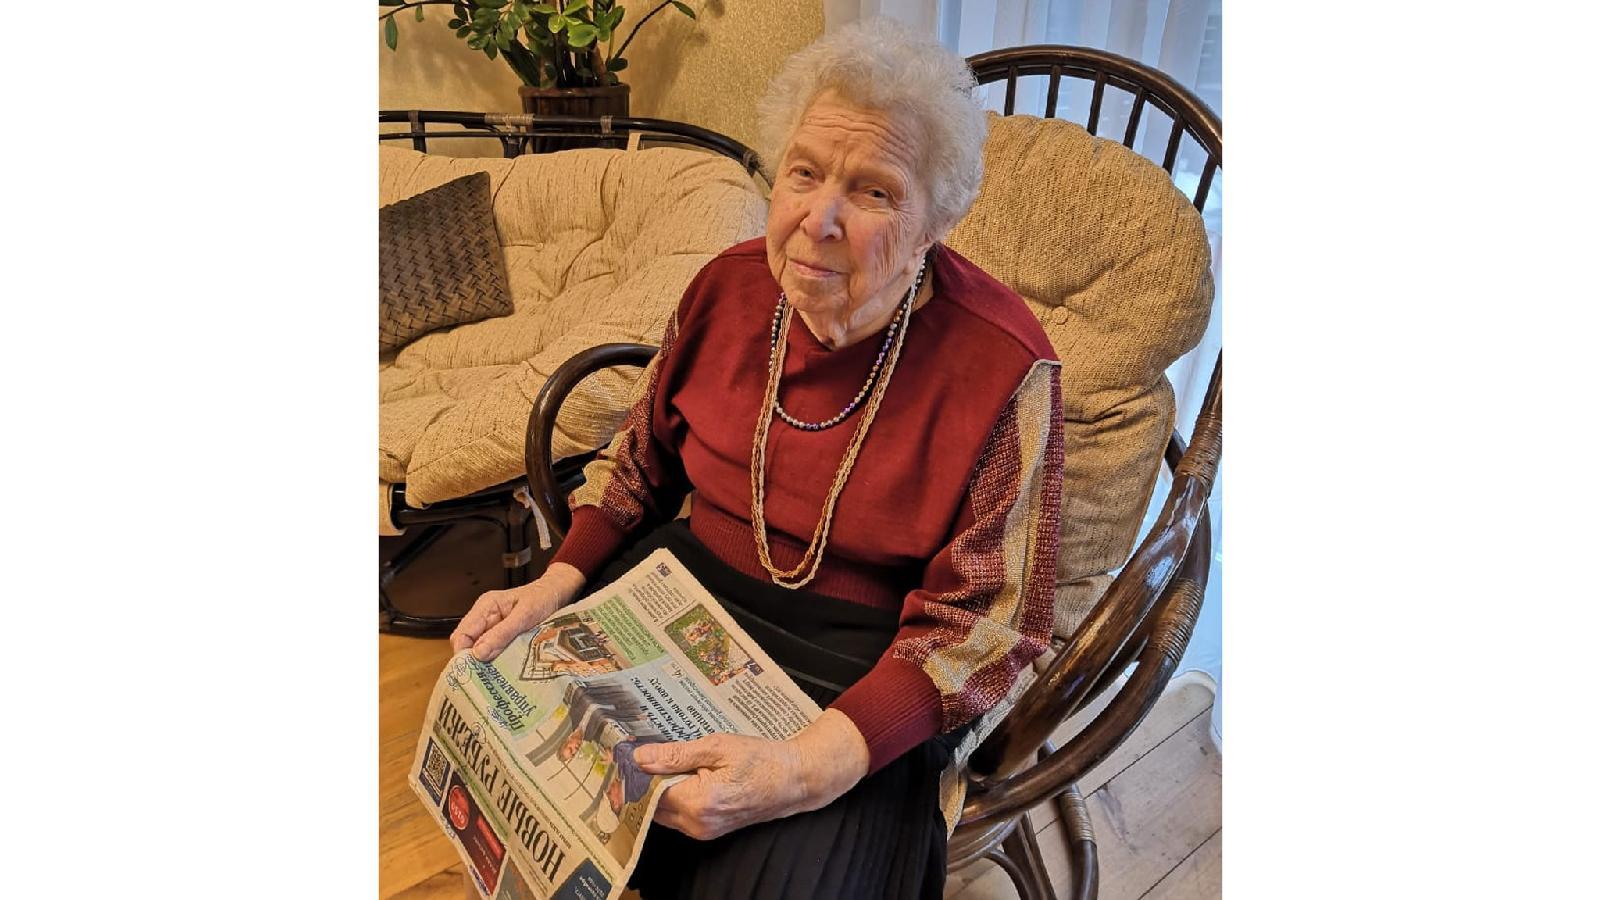 Надежде Герасимовне Сгибневой 91 год. «Новые рубежи» она читает почти всю жизнь: районку выписывали родители и старшие сестры, потом более пятидесяти лет сама, теперь газету ей приносят близкие